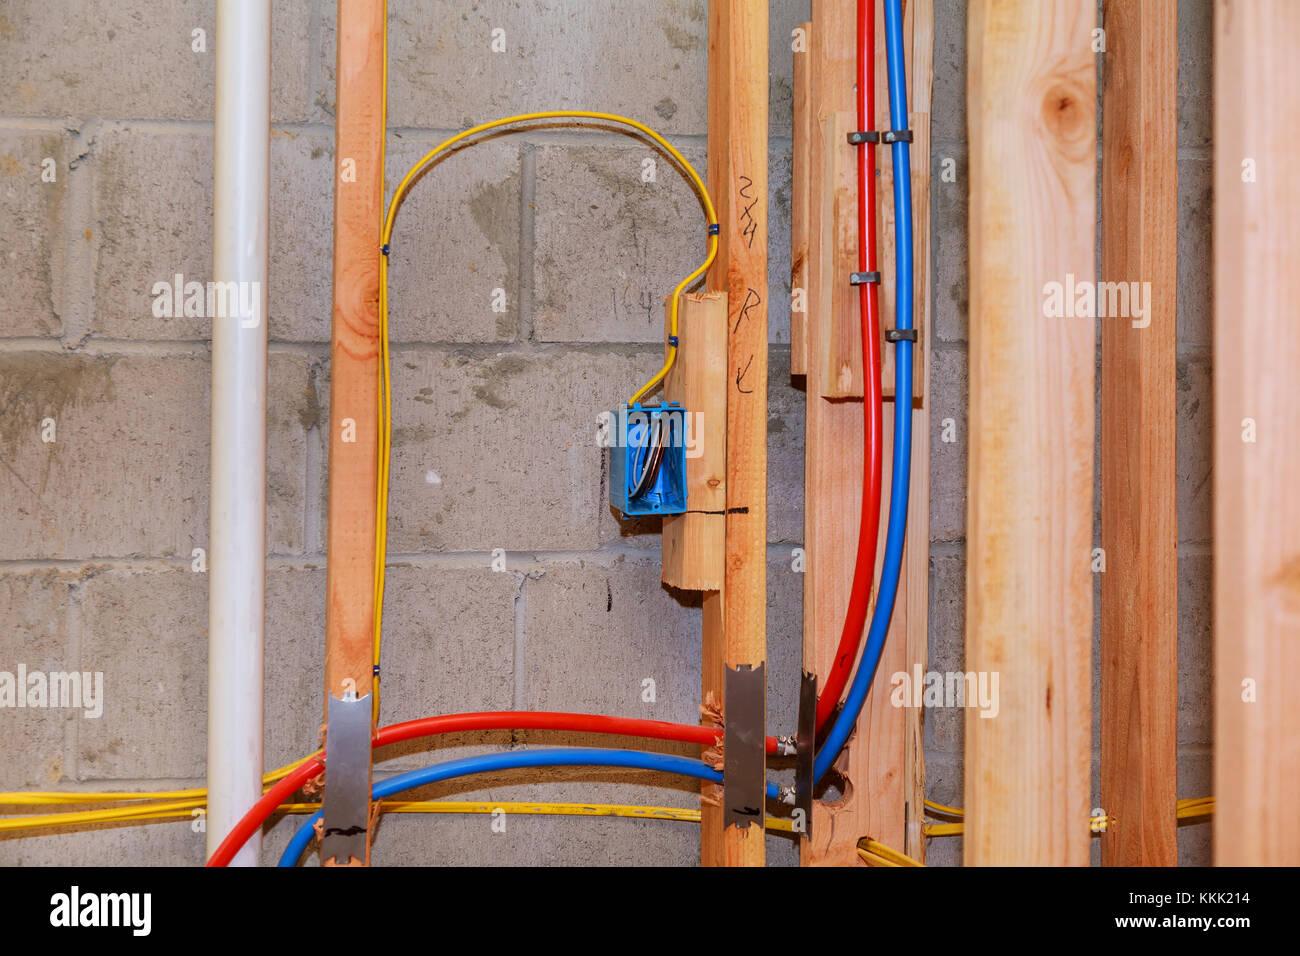 Tolle Gebäude Elektrische Verkabelung Bilder - Elektrische ...